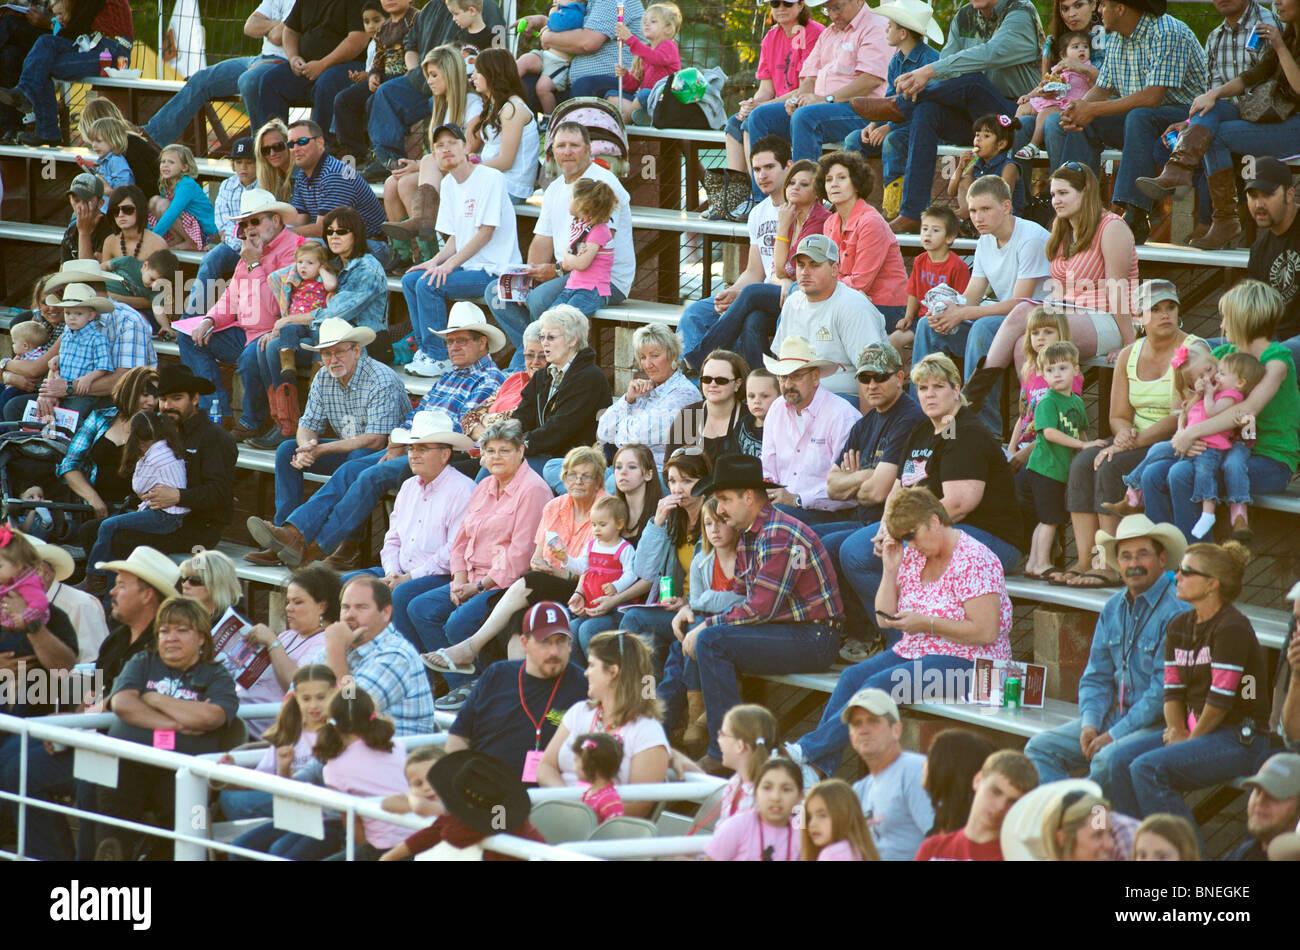 Rodeo fans réunis pour appuyer et regarder des événements survenus dans le Texas, USA Banque D'Images